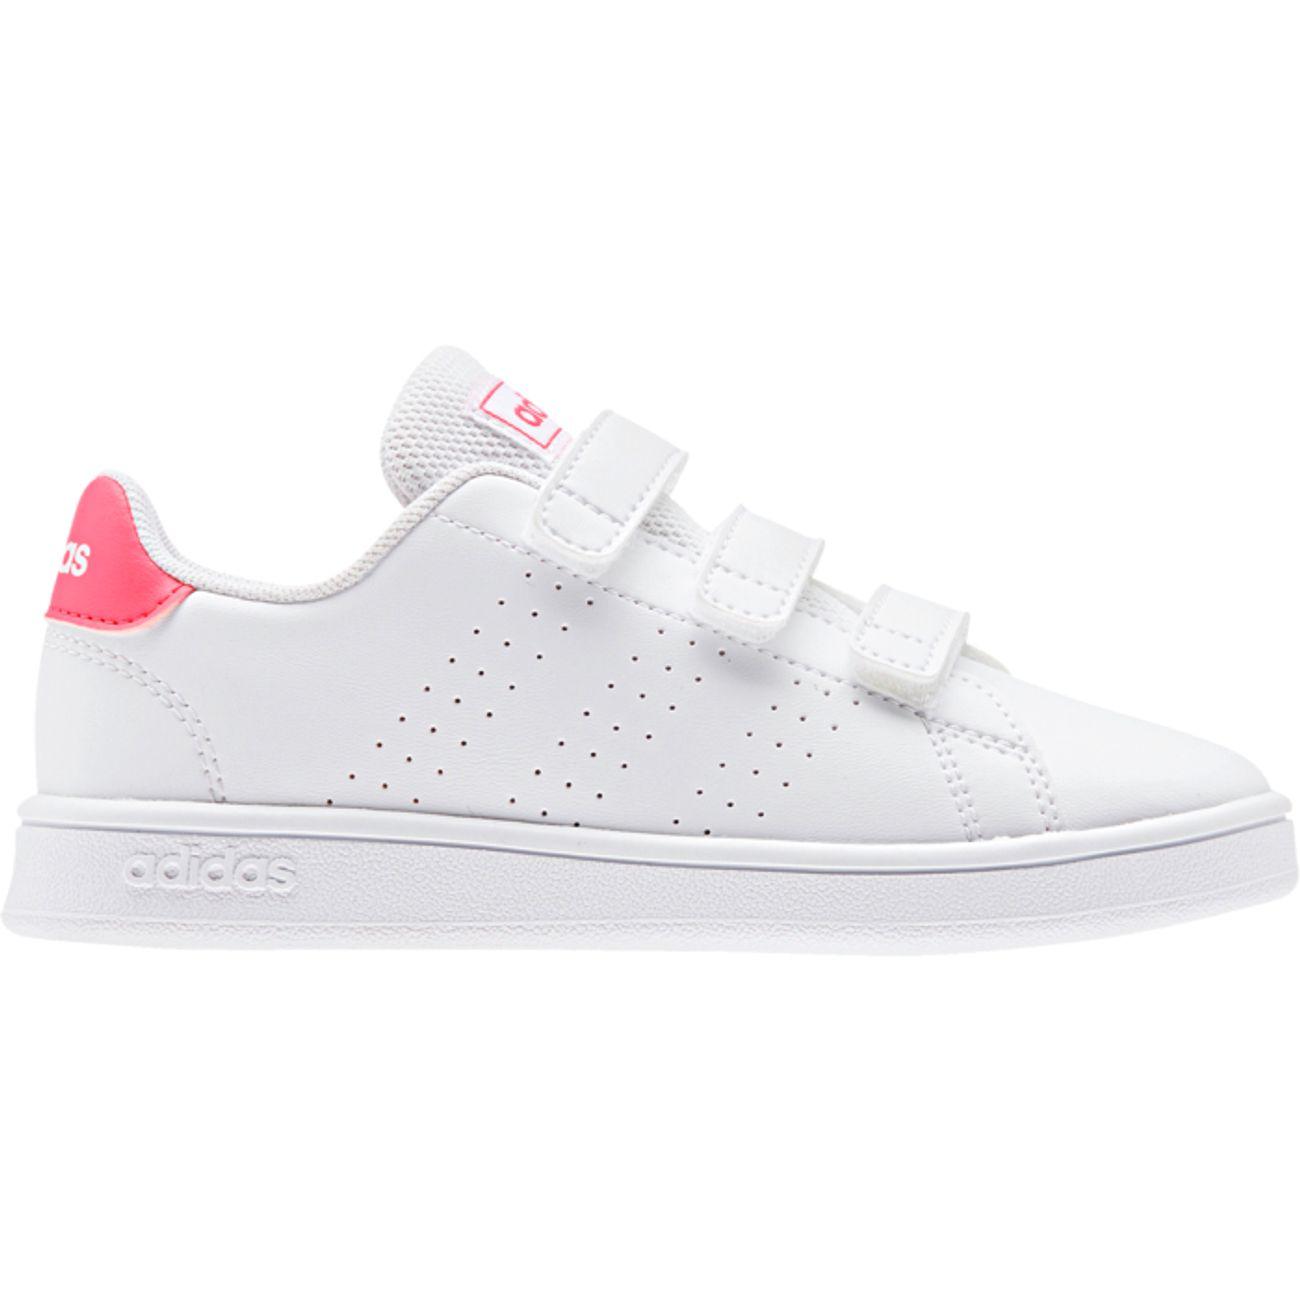 Chaussures Enfant Loisirs Sport achat pas cher GO Sport